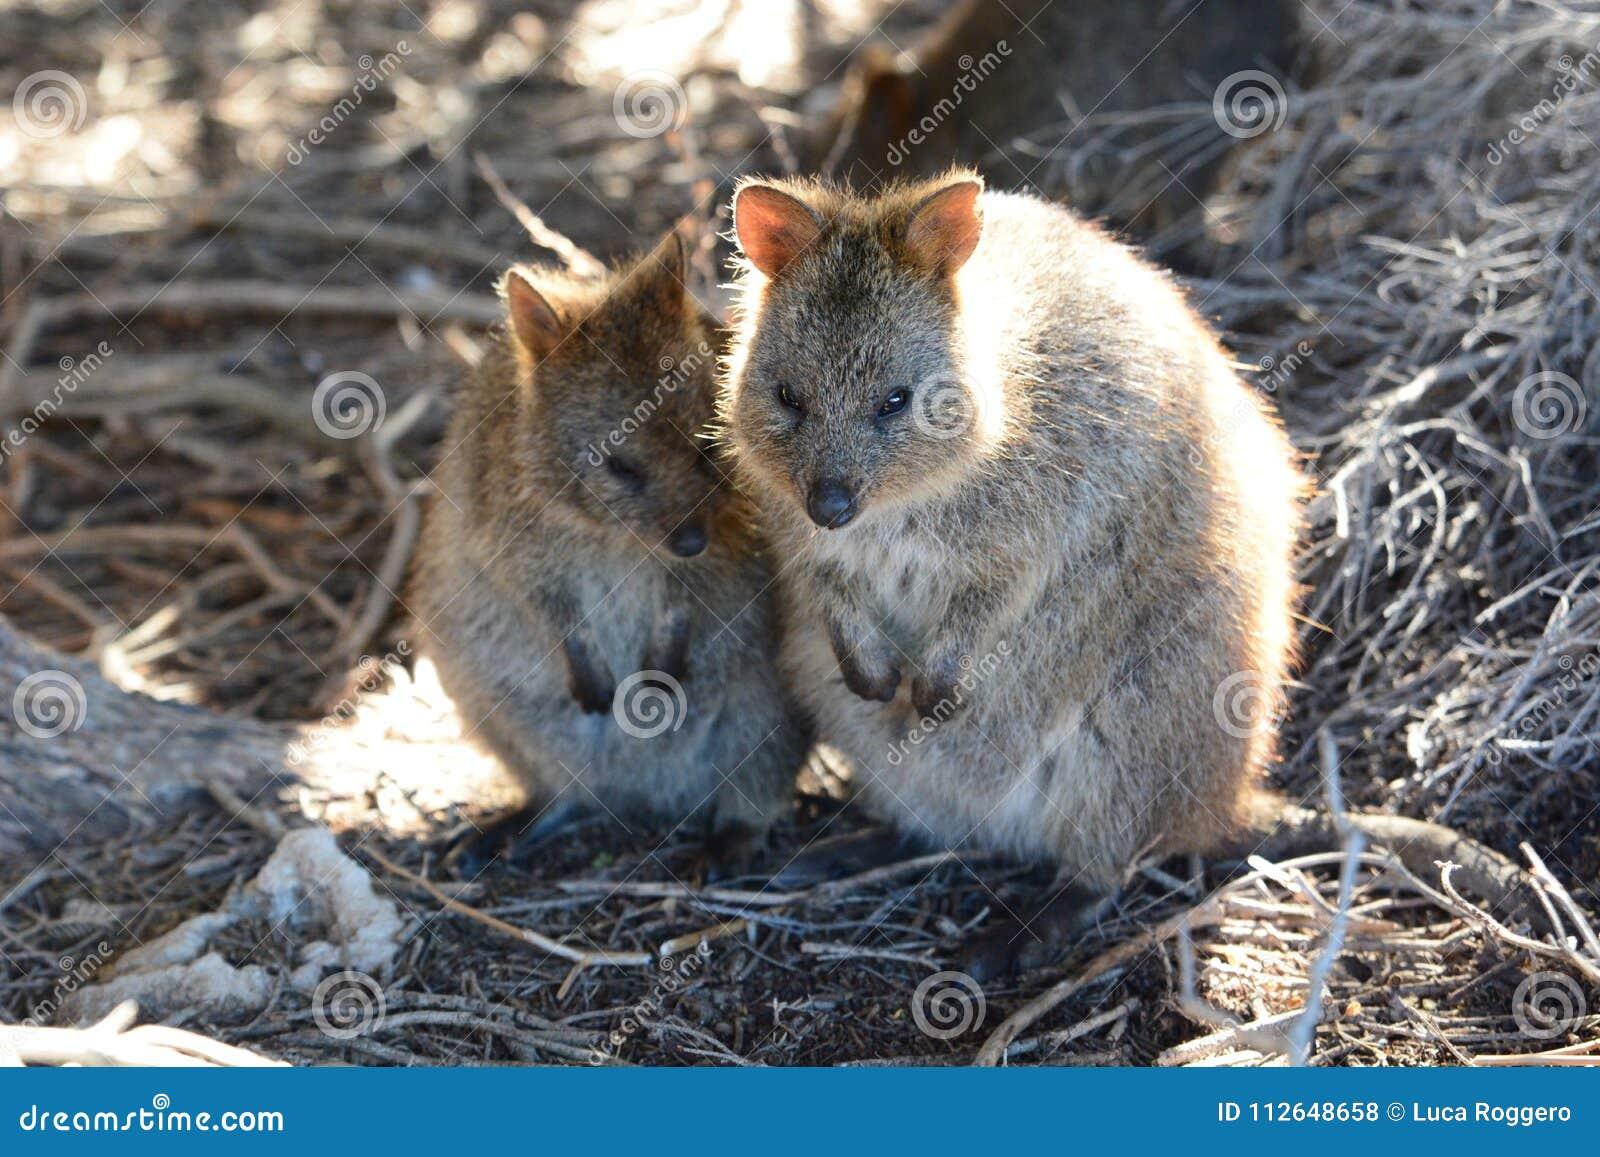 Risultati immagini per isola rottnest australia FAUNA